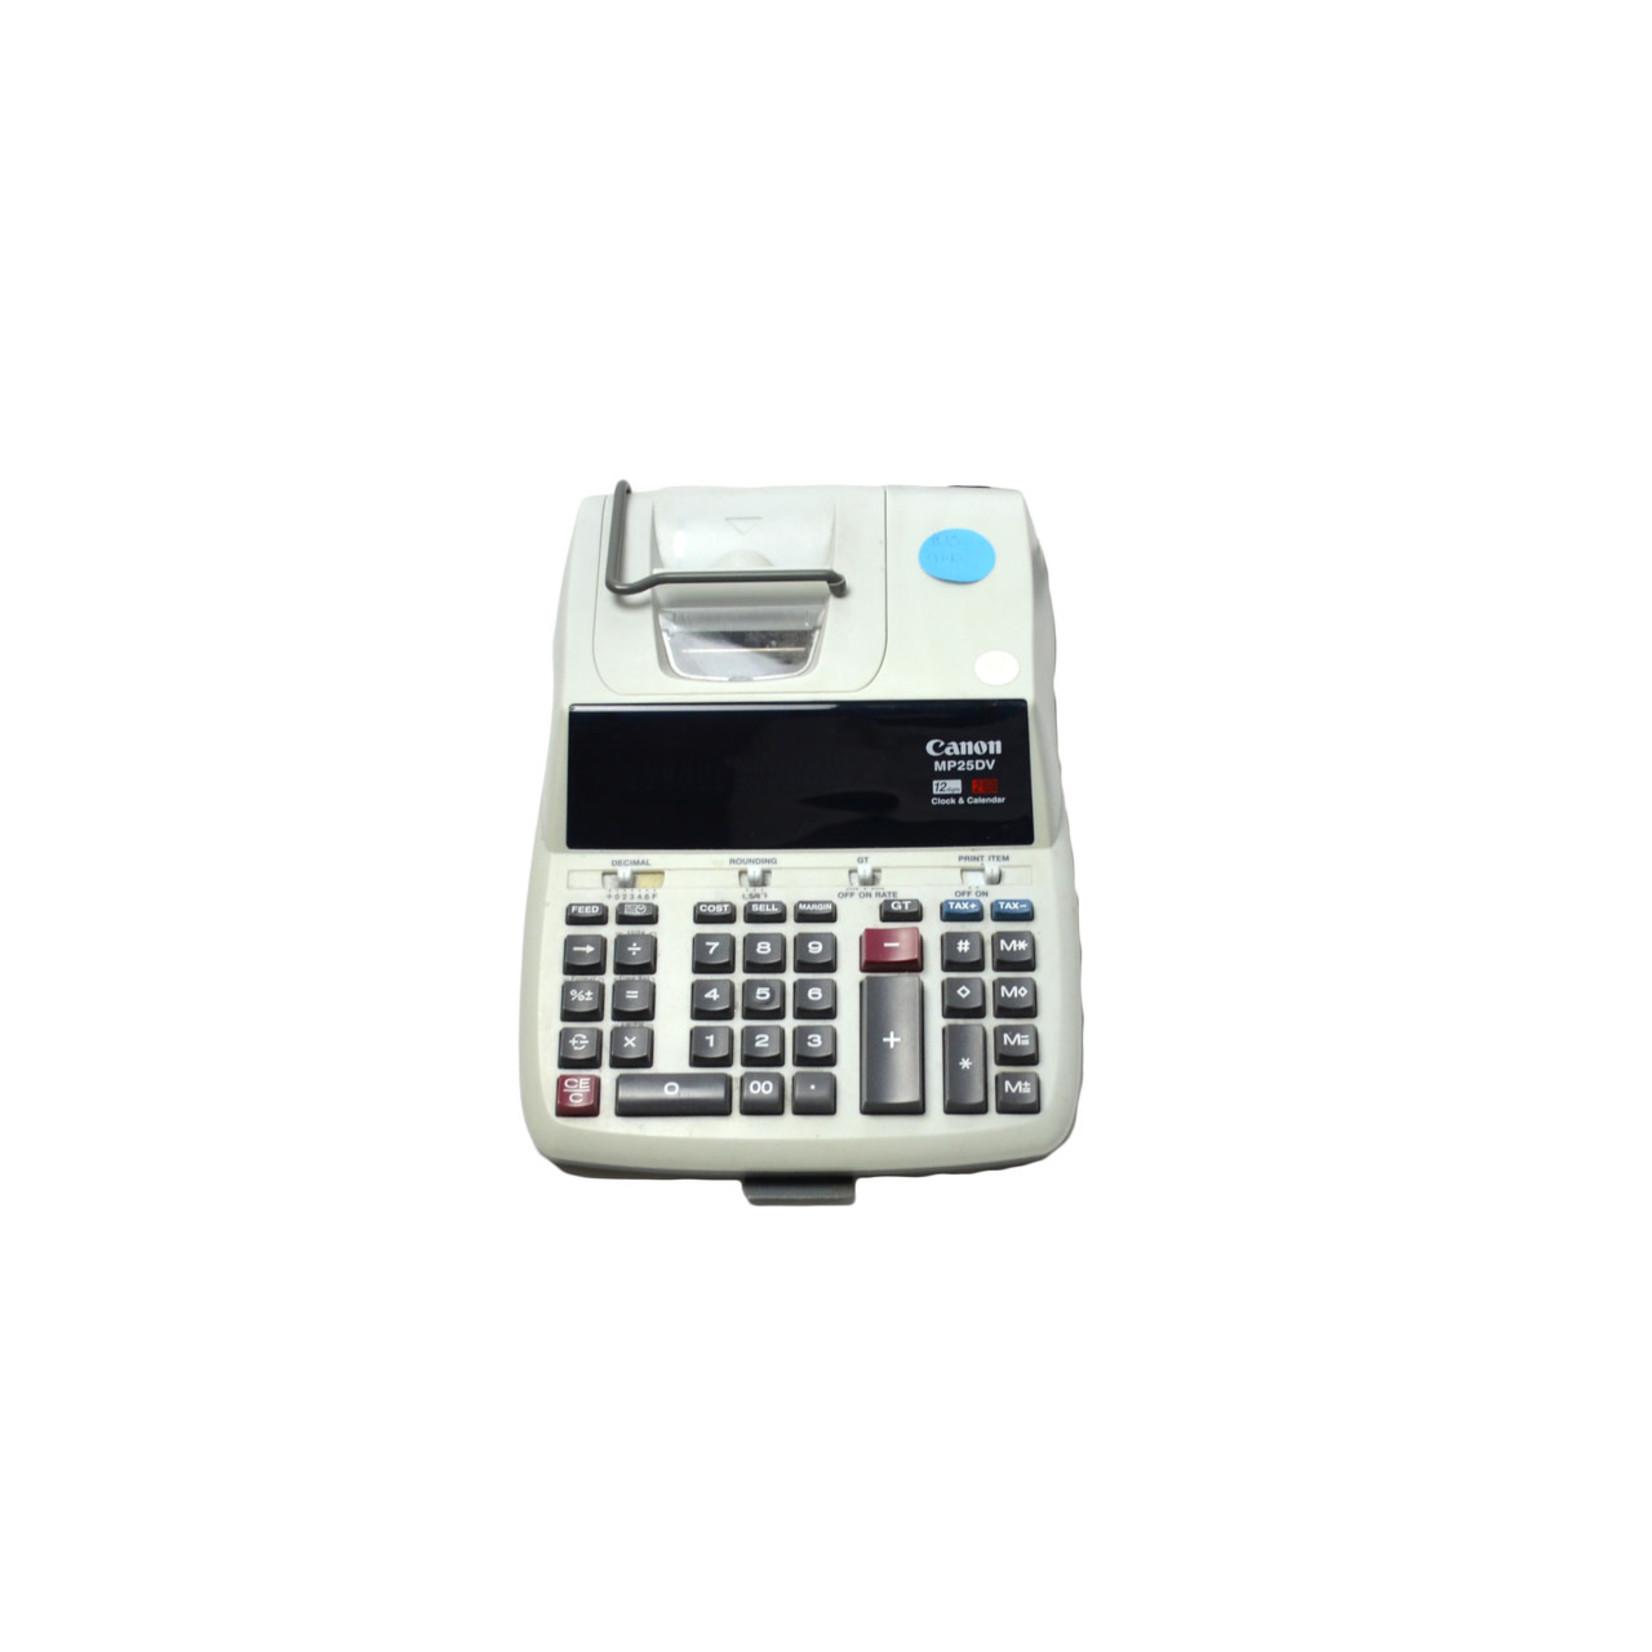 Canon Printing Calculator MP25DV